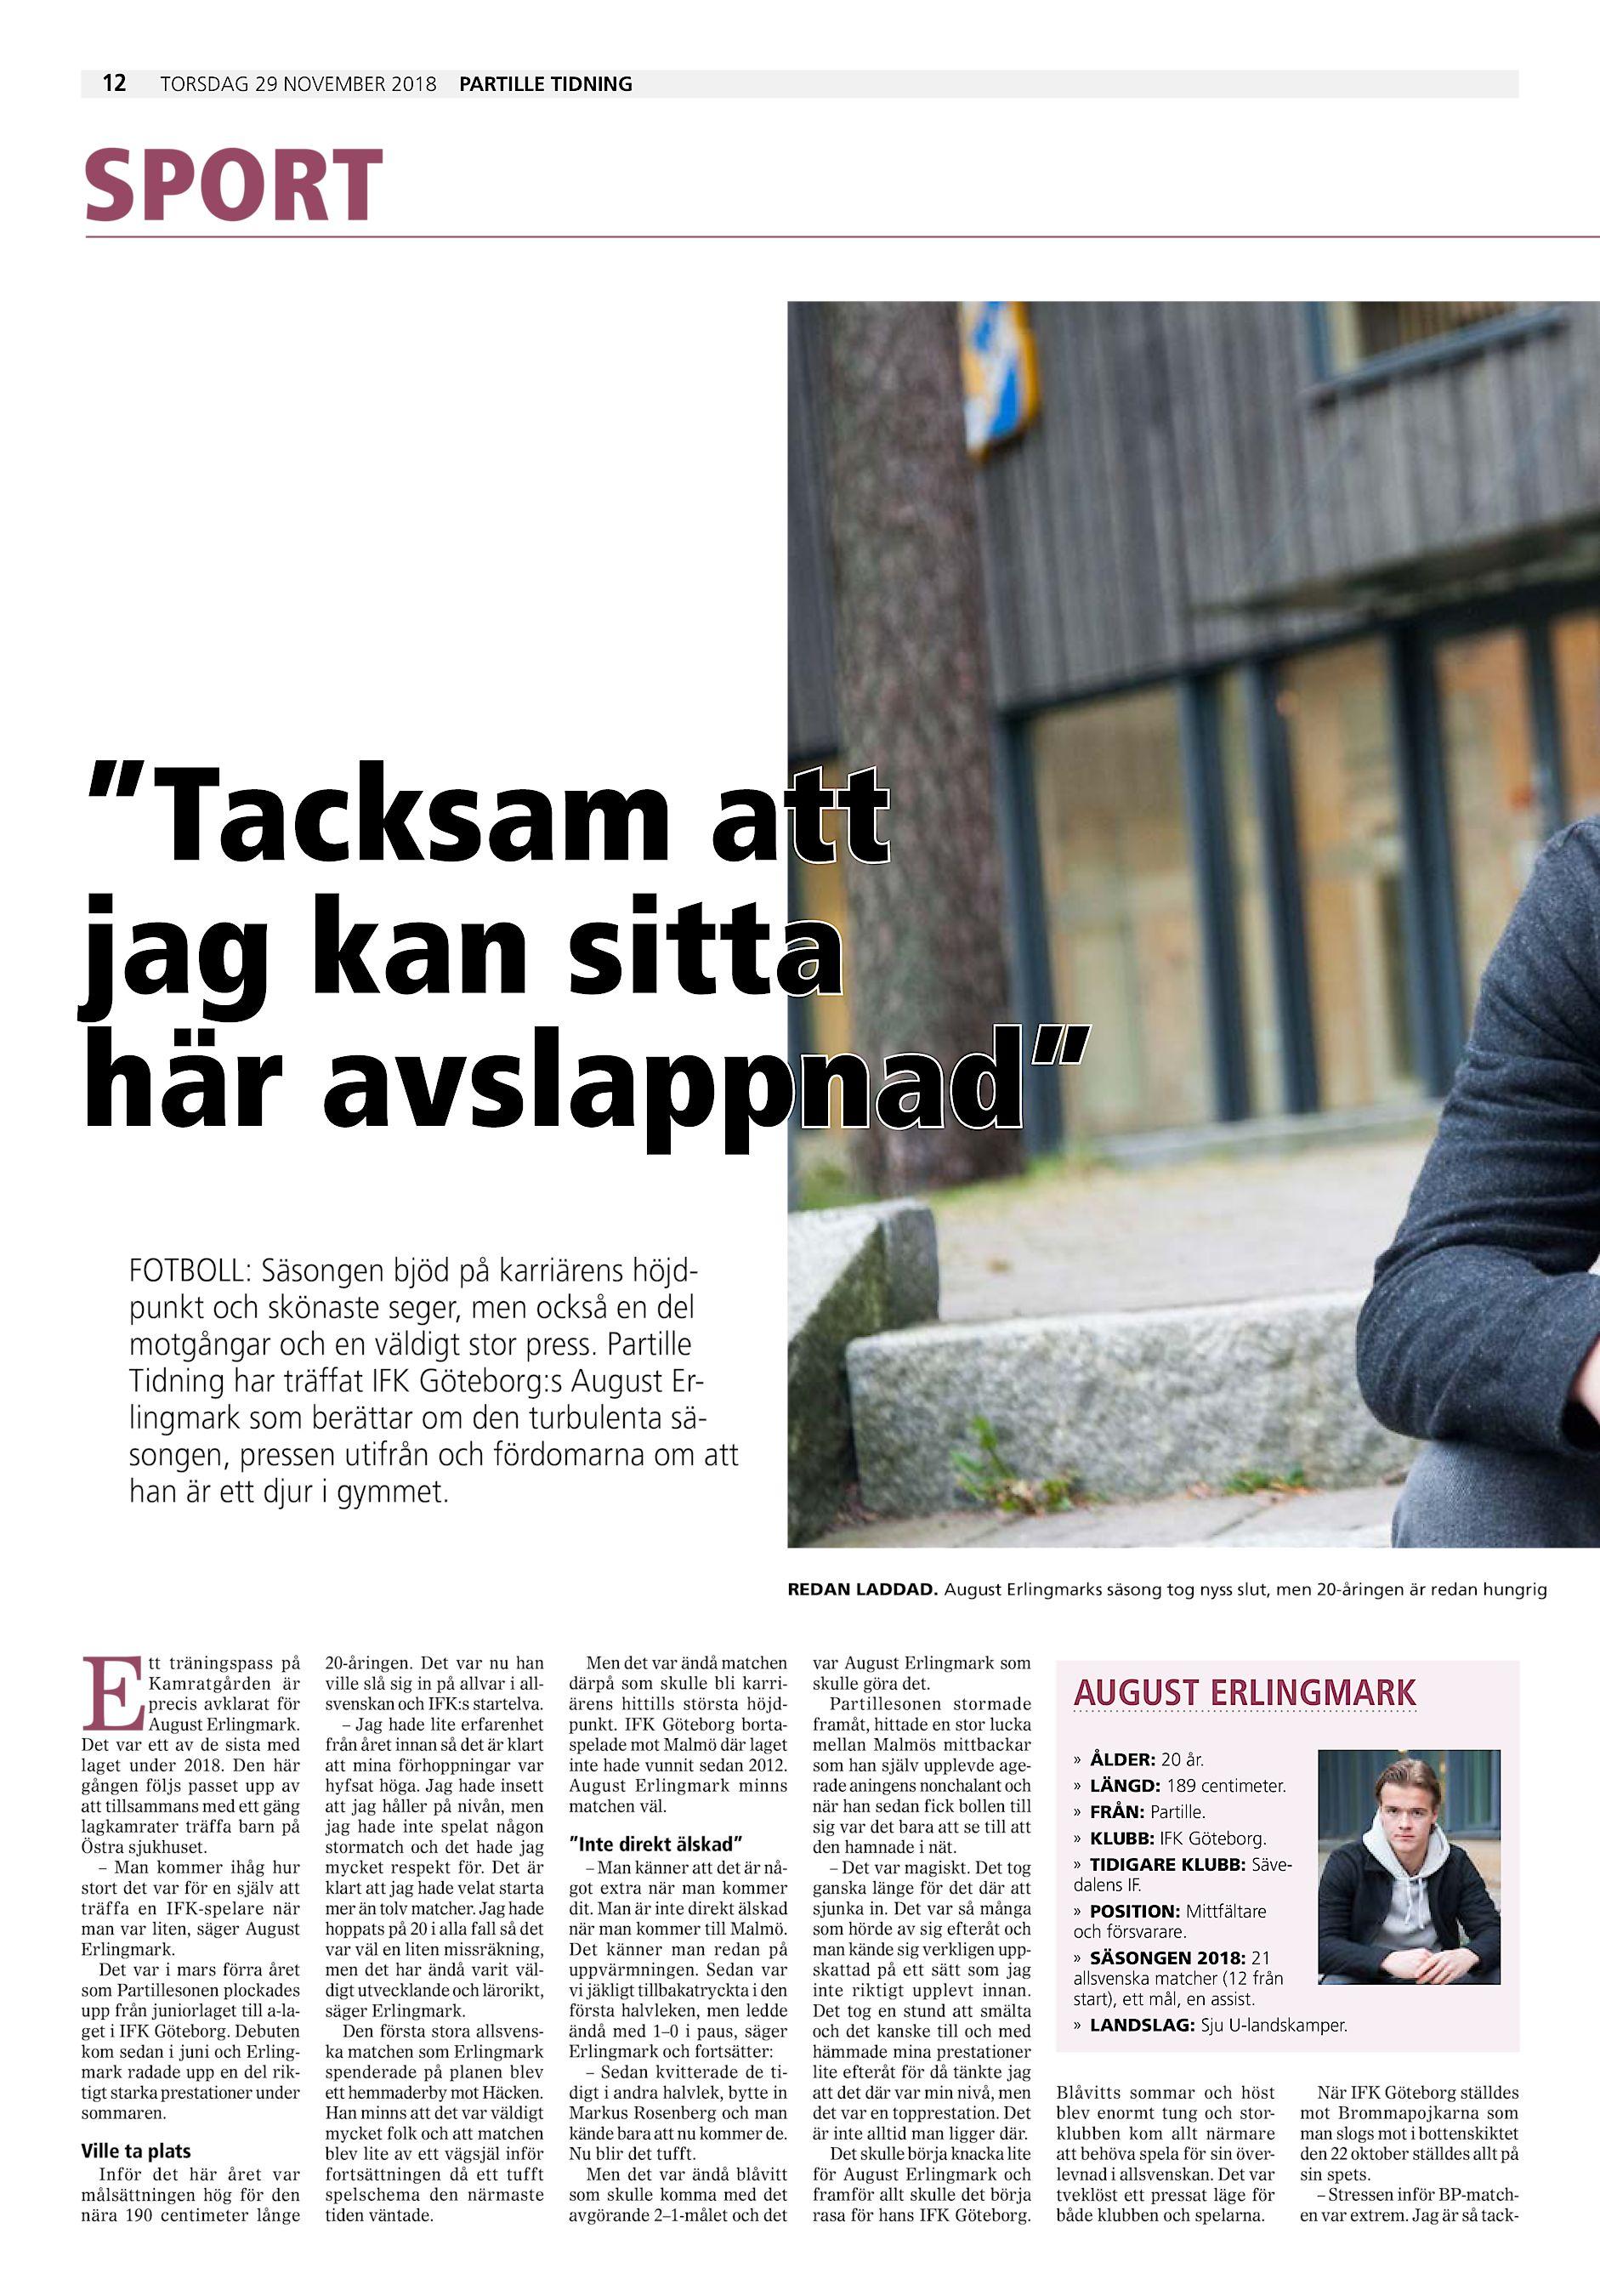 JOE FARELLIS, Gteborg - Omdmen om restauranger